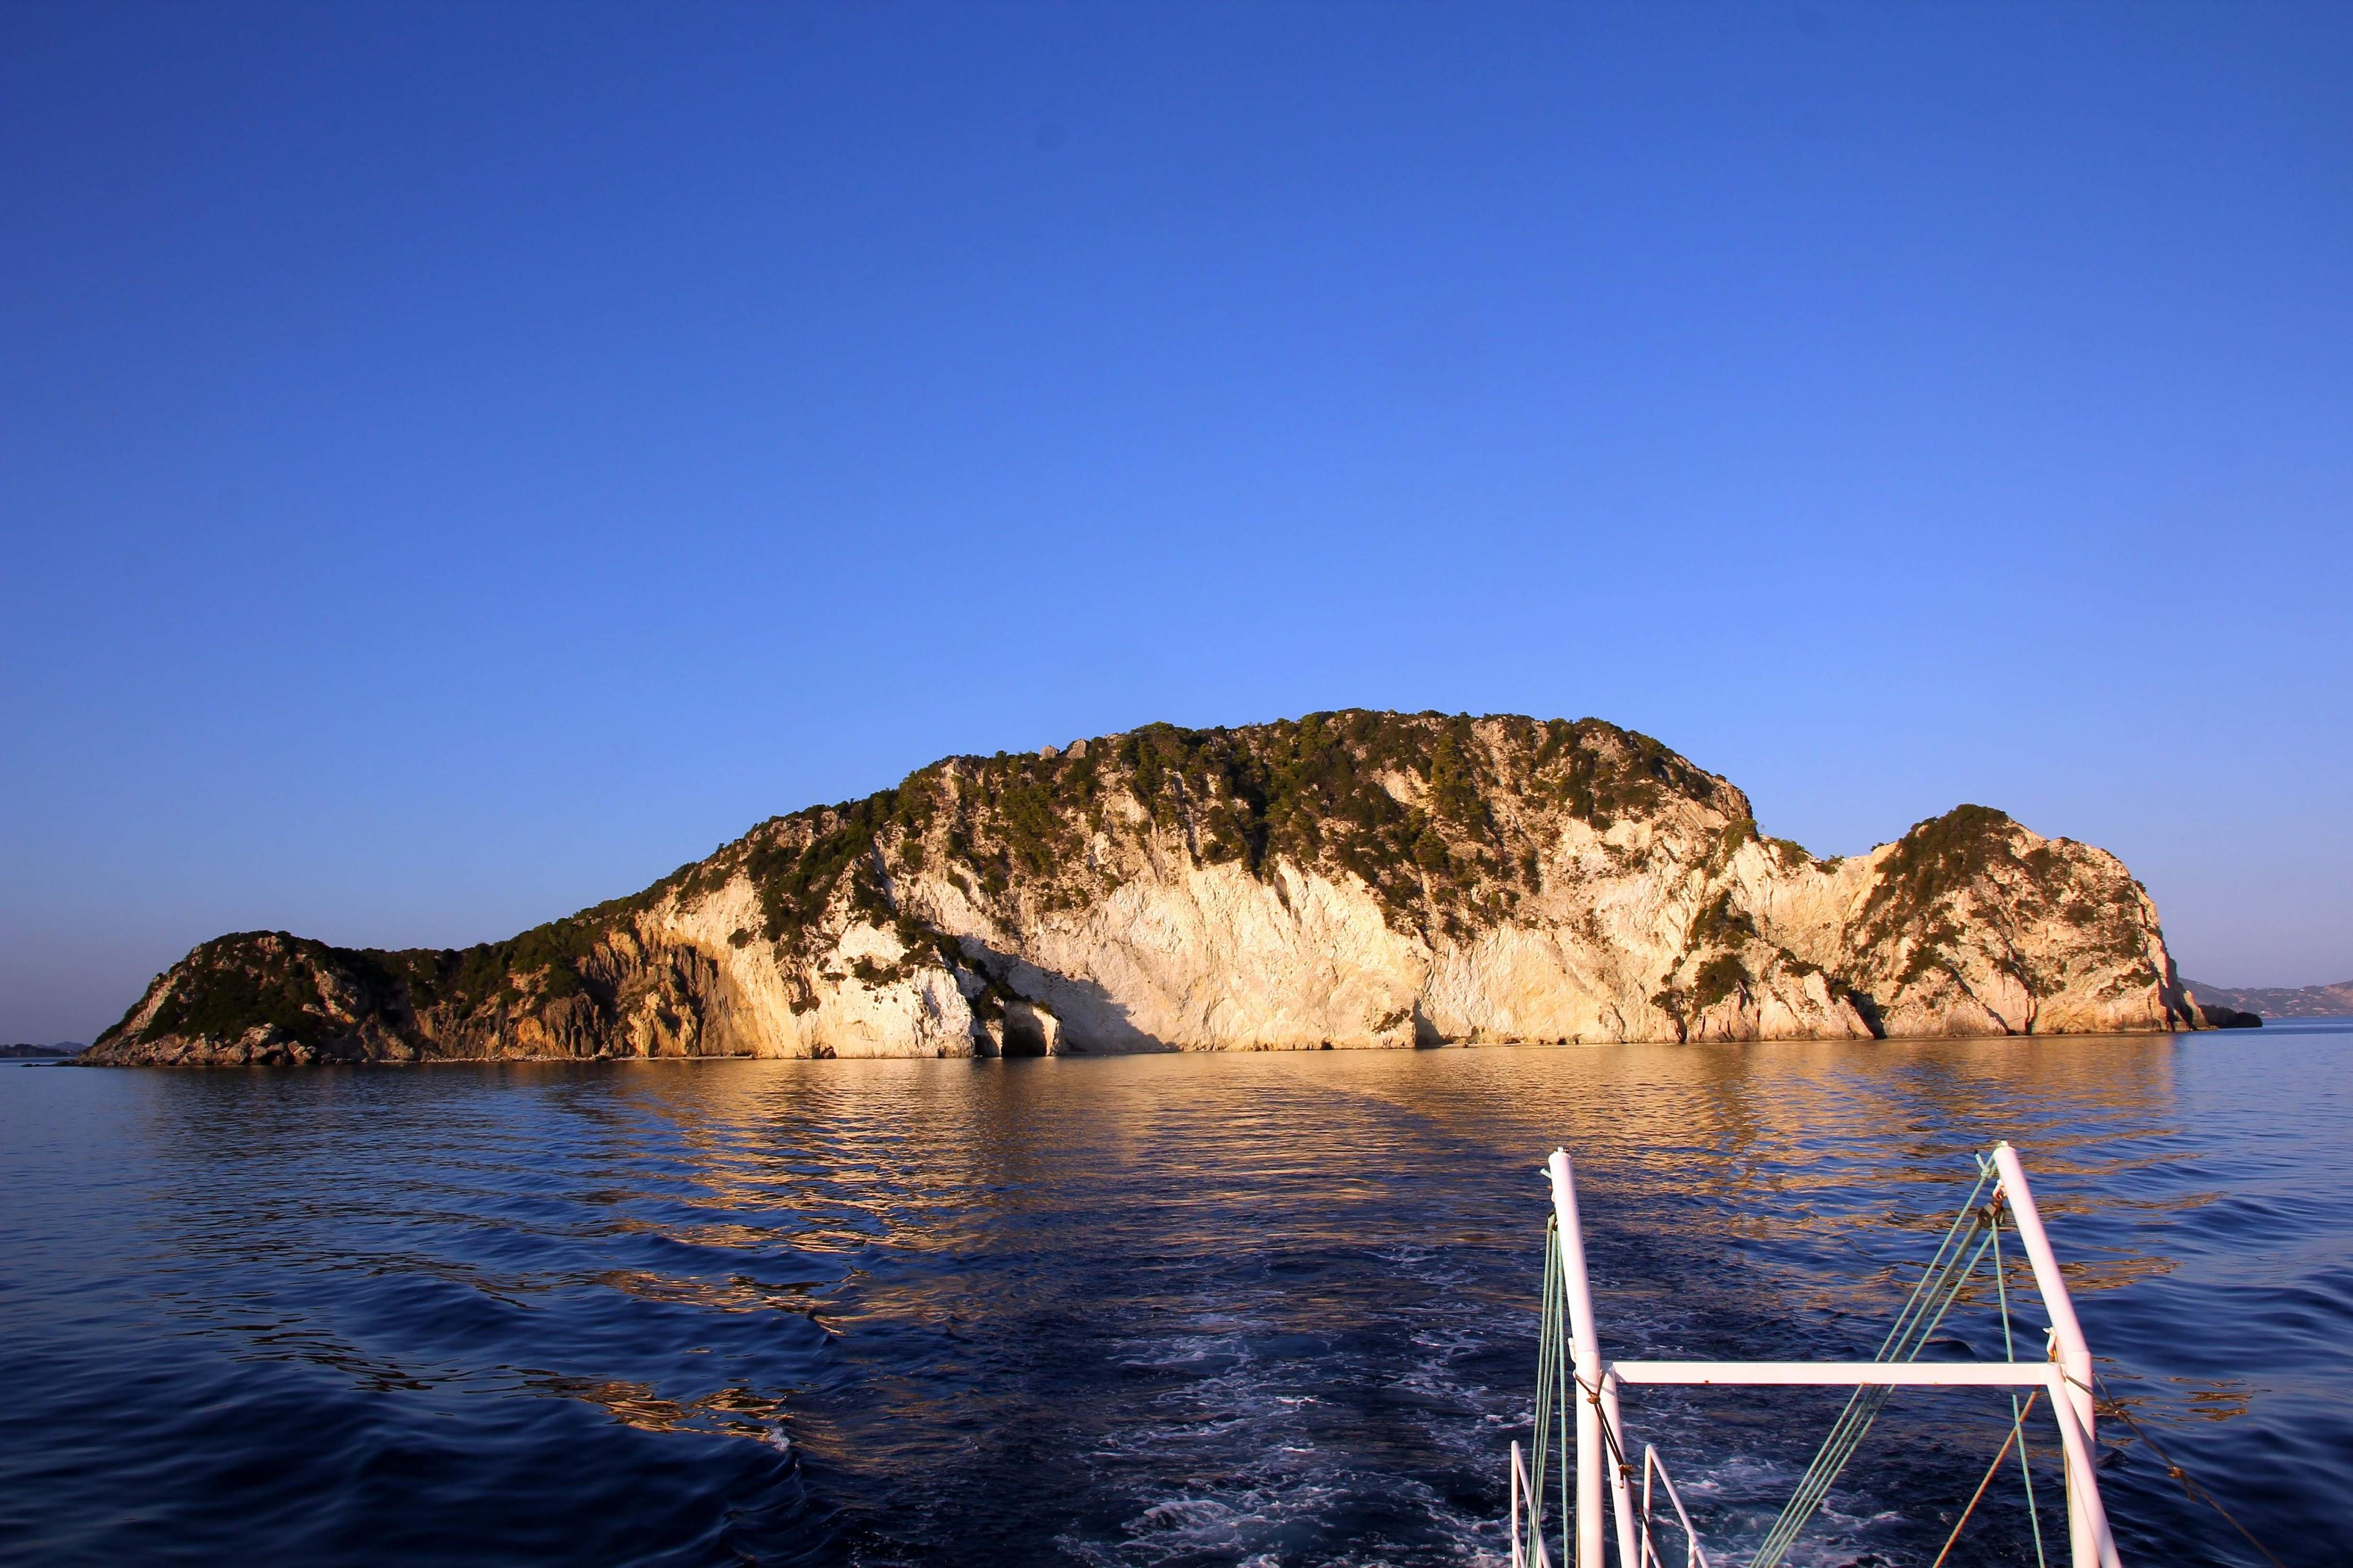 Marathonisi - Turtle Island. On our Zakynthos sunset cruise.